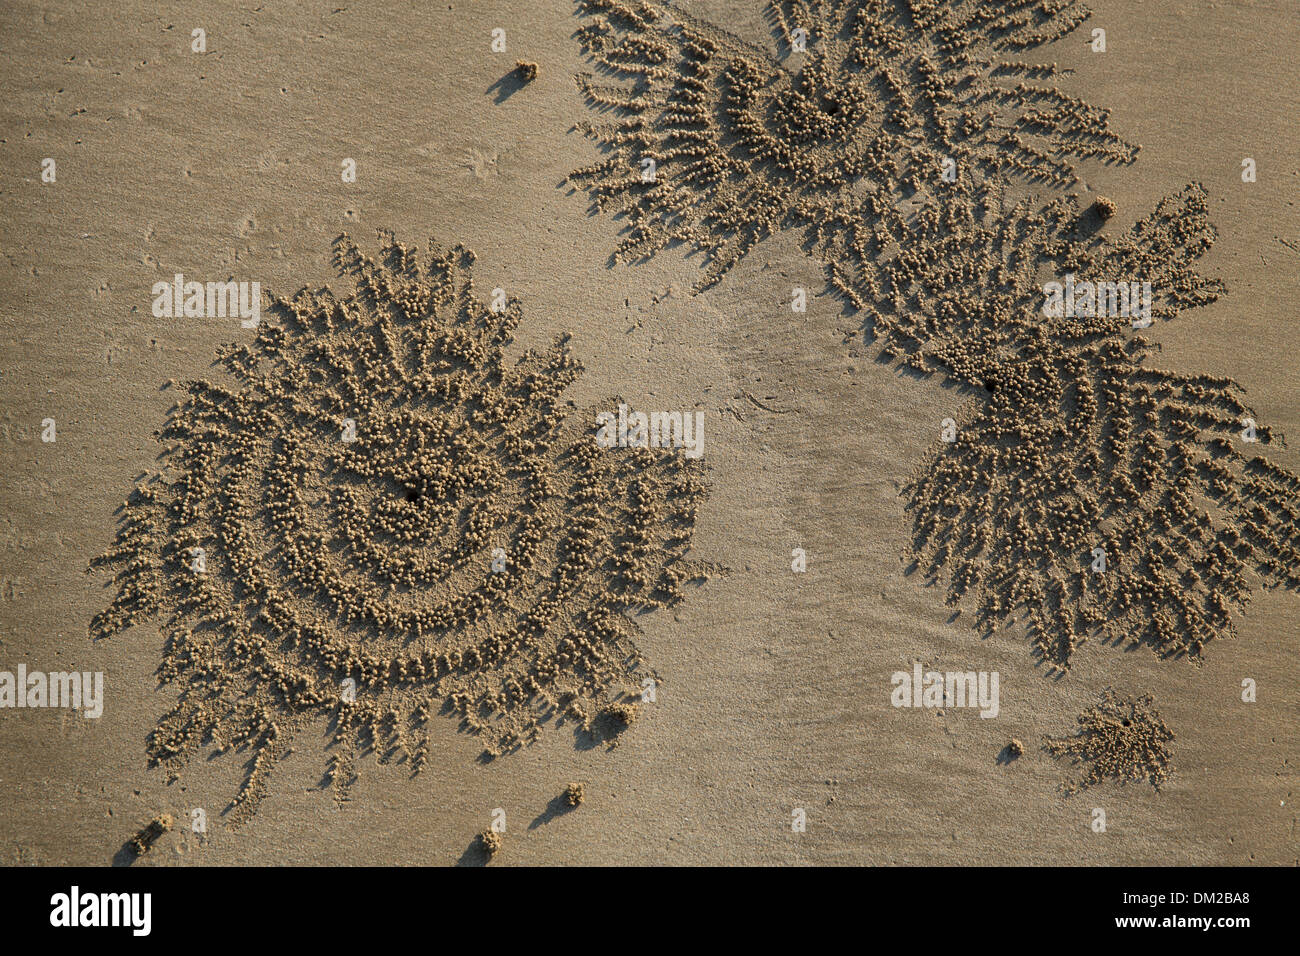 Les patrons du crabe dans le sable sur la plage de Ngapali au crépuscule, Rakhine, Myanmar (Birmanie) Photo Stock